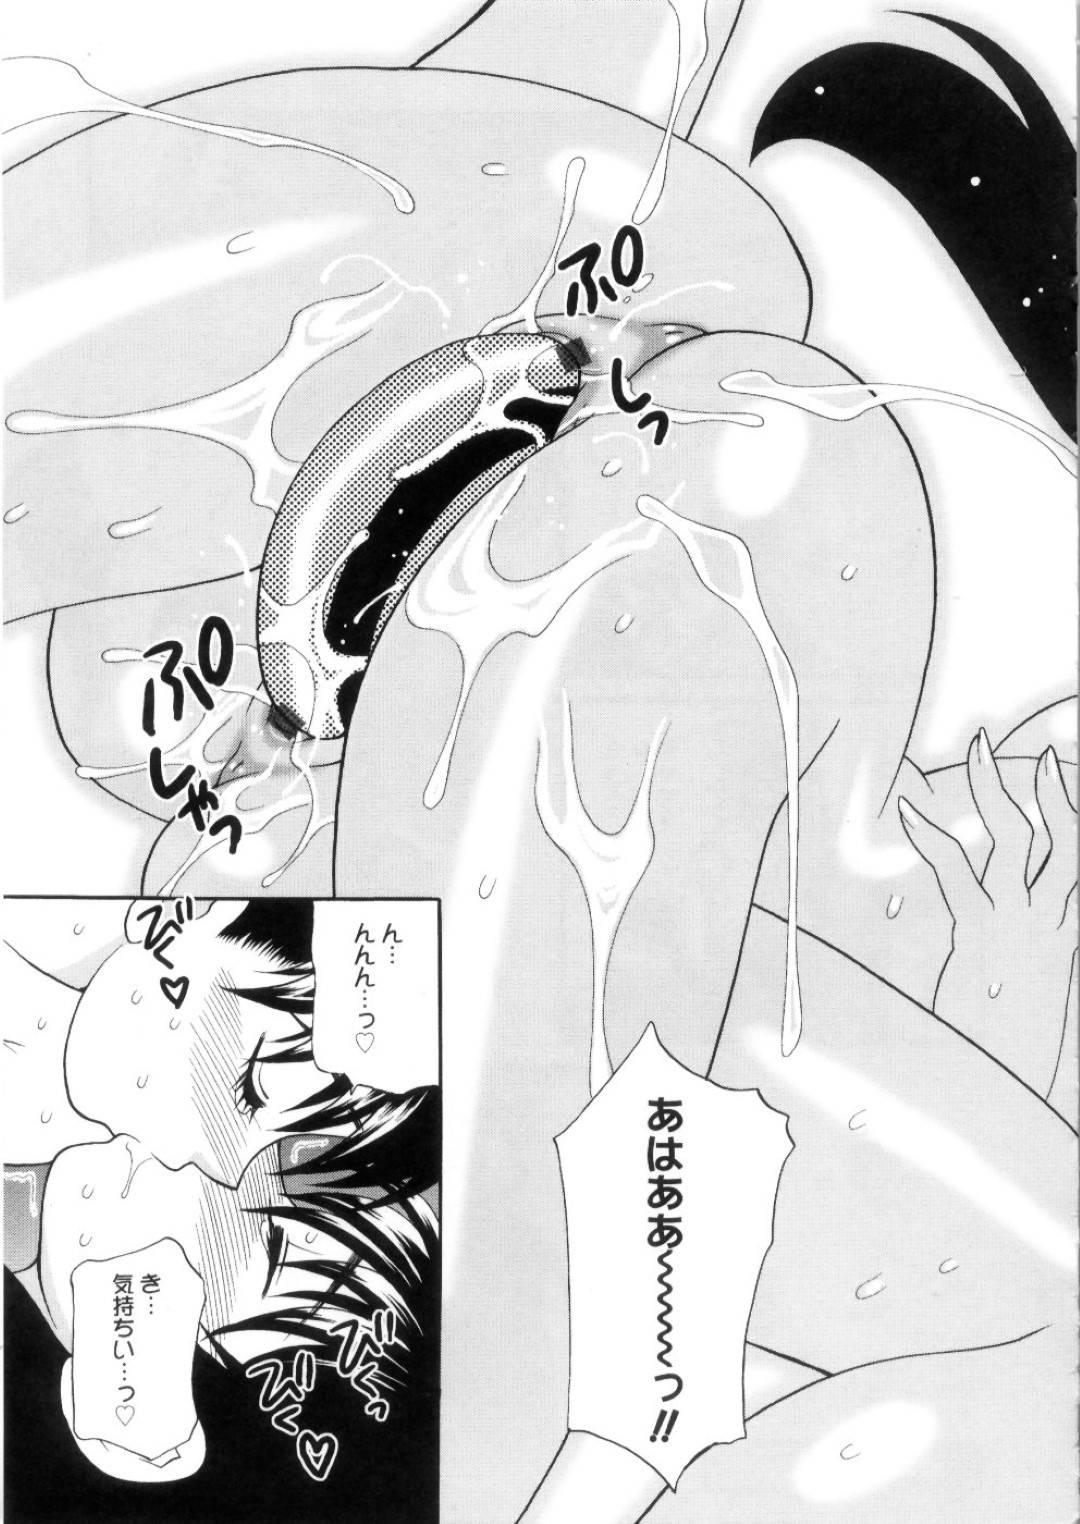 【義理母娘レズエロ漫画】お風呂場に義理の娘が入ってくると、助けてくれたお礼として愛撫されると双頭ディルドでレズプレイ【ゆきやなぎ】